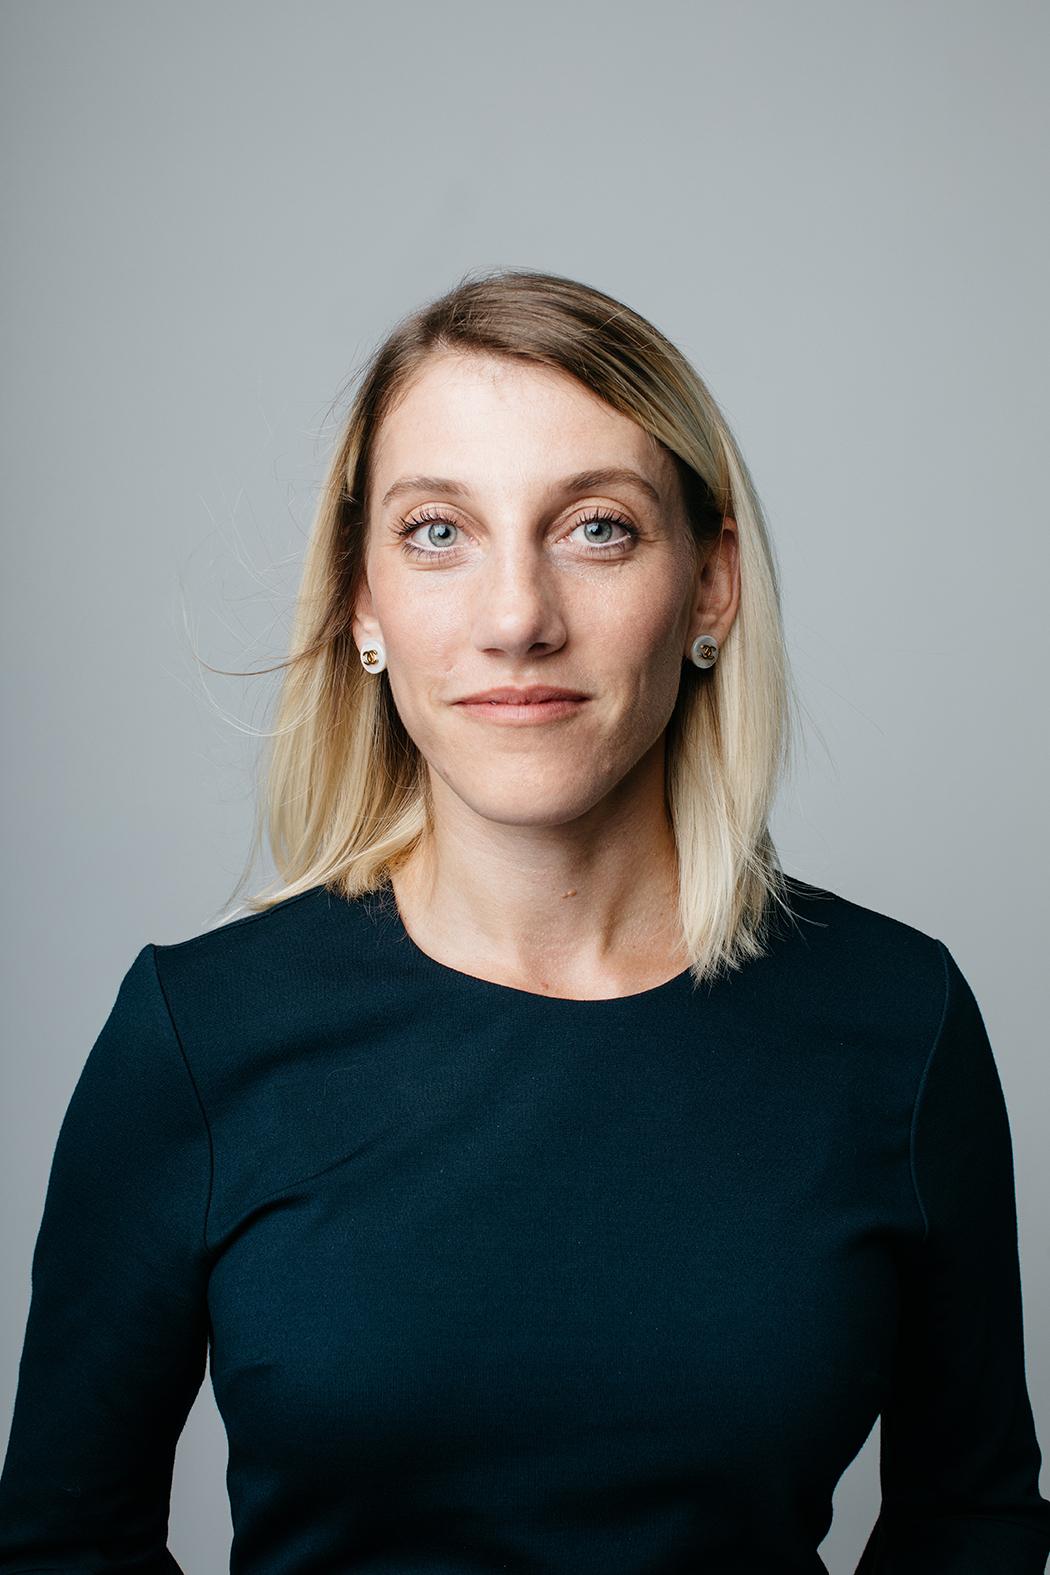 Katie Neer